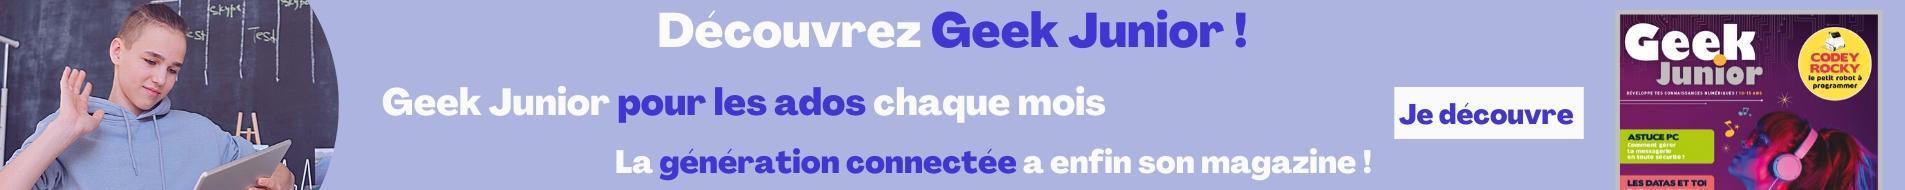 Banniere Geek Junior